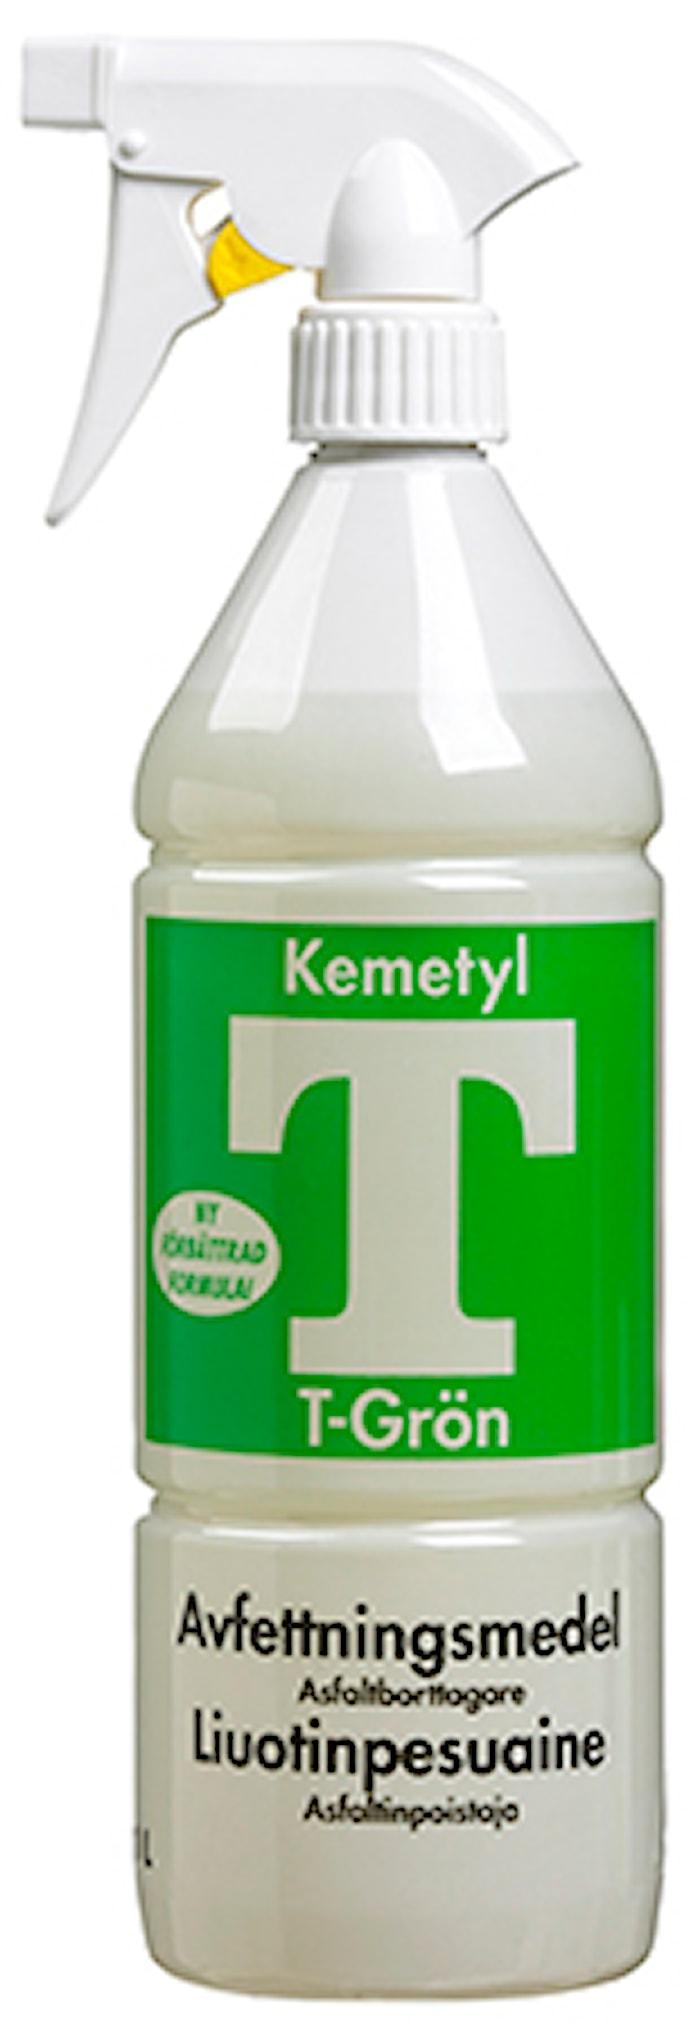 Avfettningsmedel T-Grön Spray